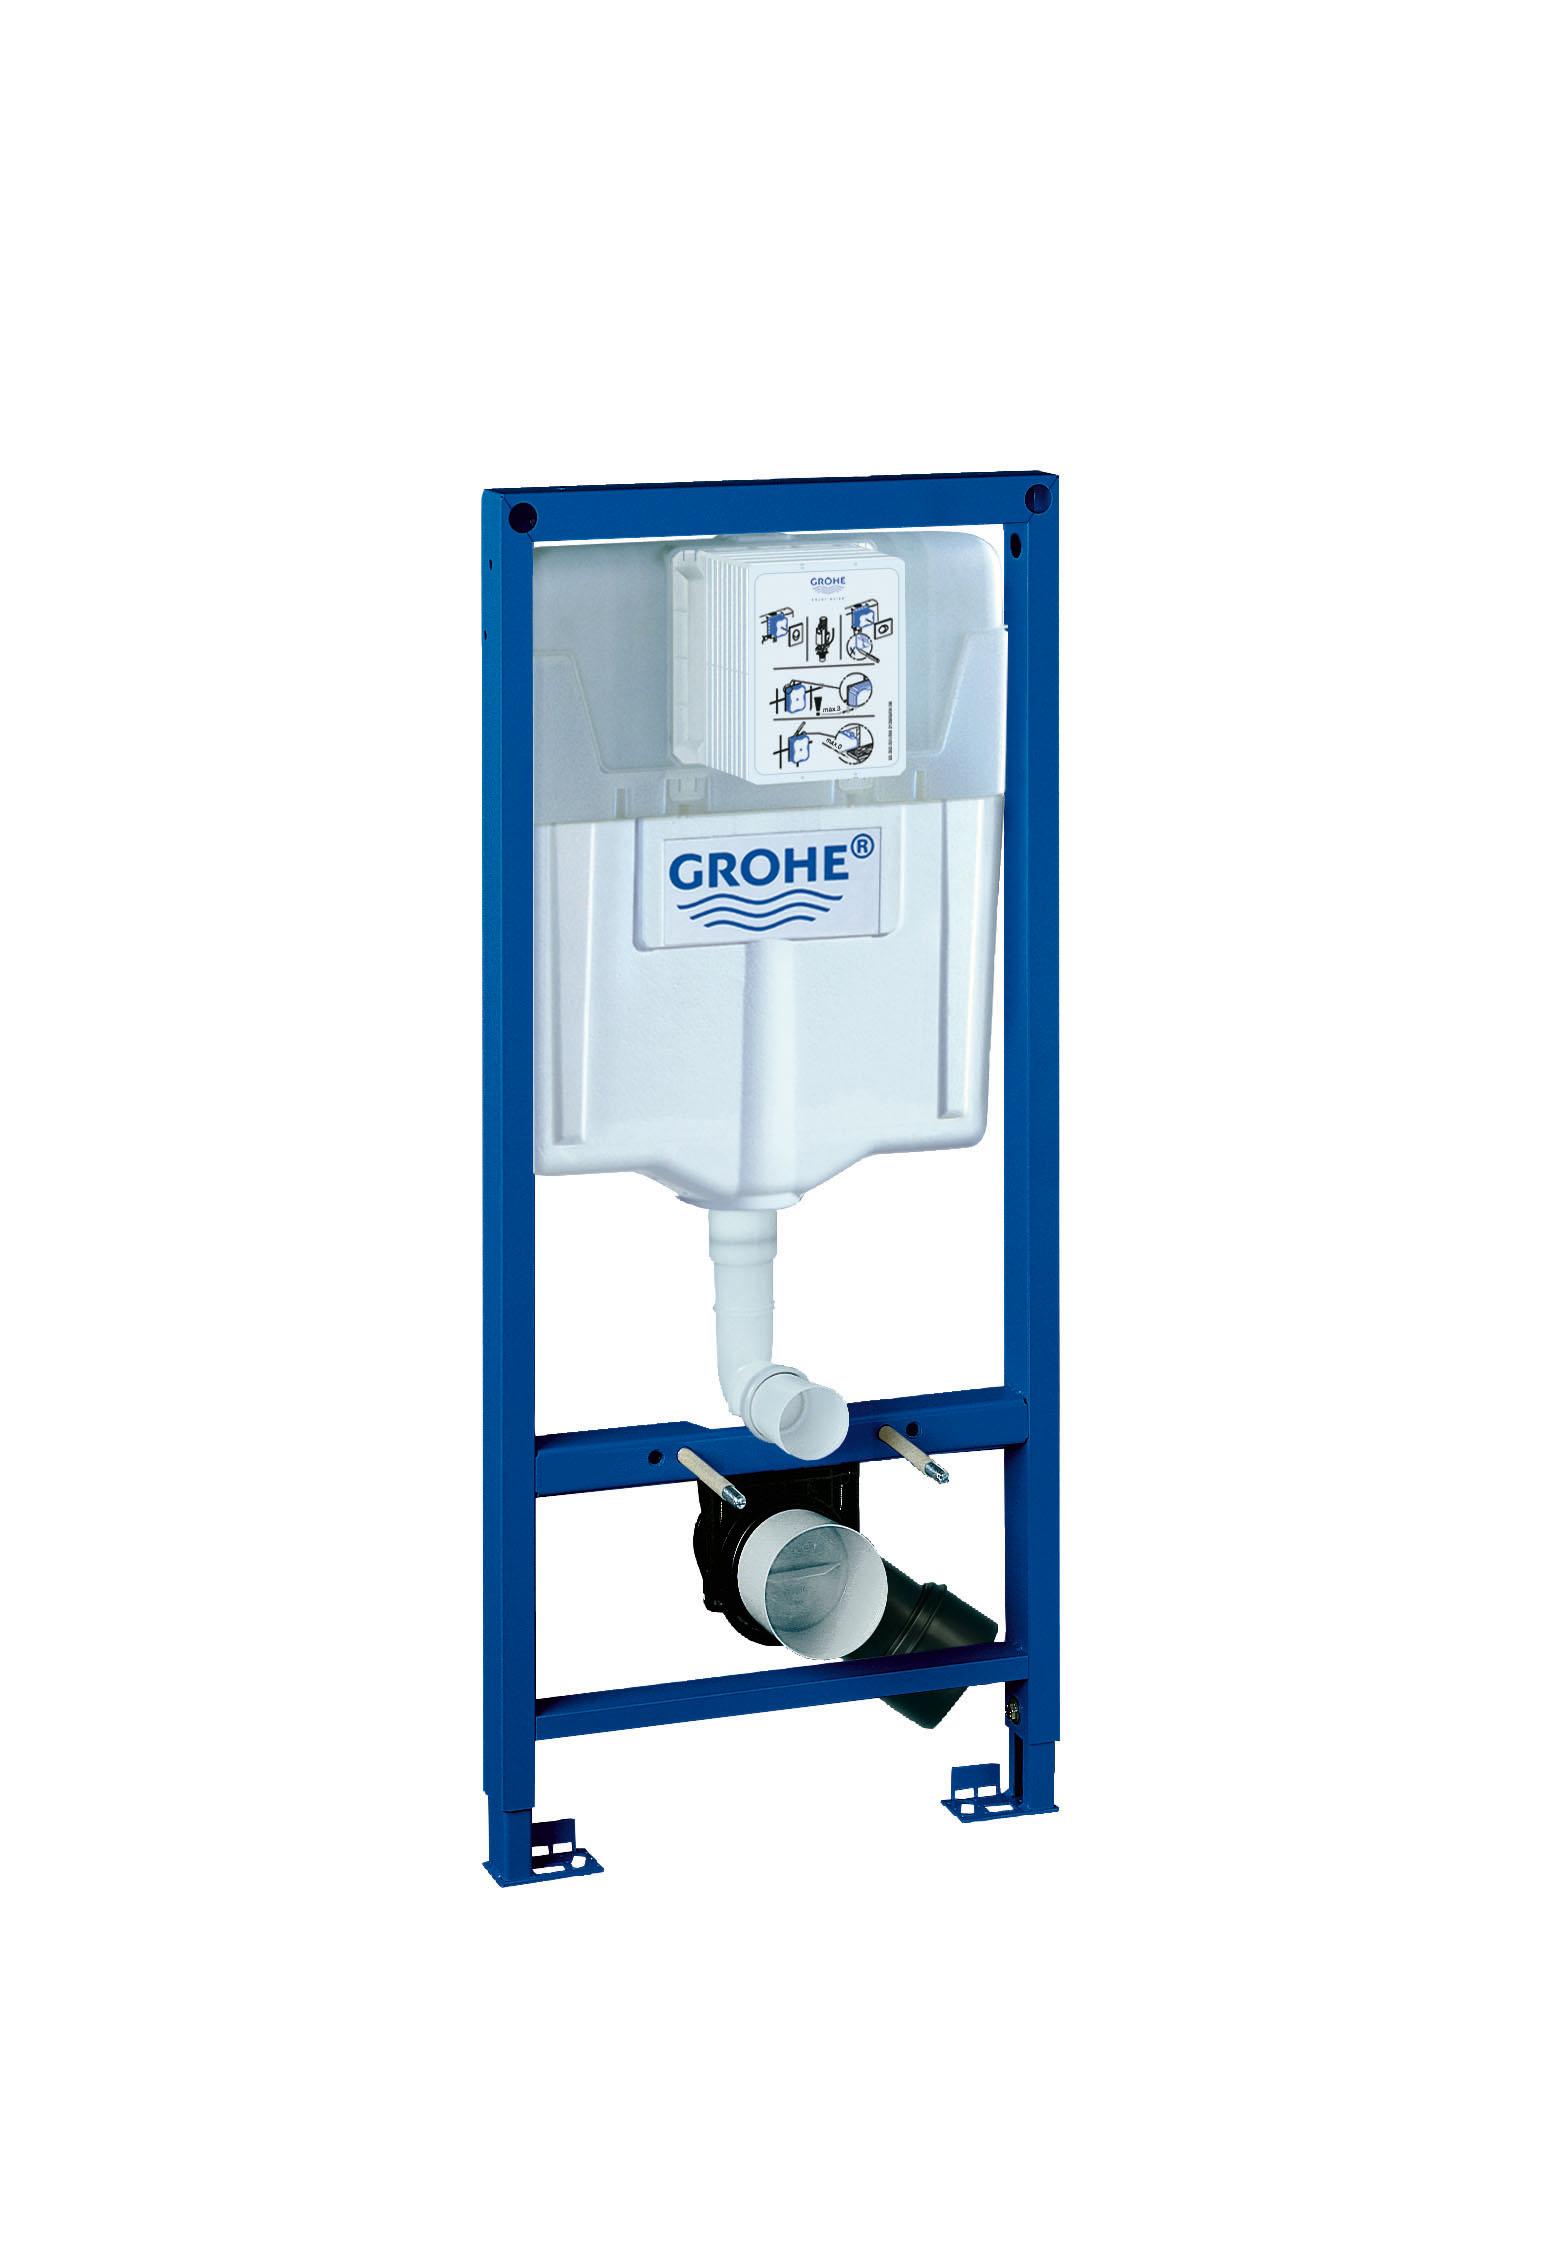 Инсталляция для унитаза Grohe Rapid sl 38528001 инсталляция grohe rapid sl для унитаза 38528001